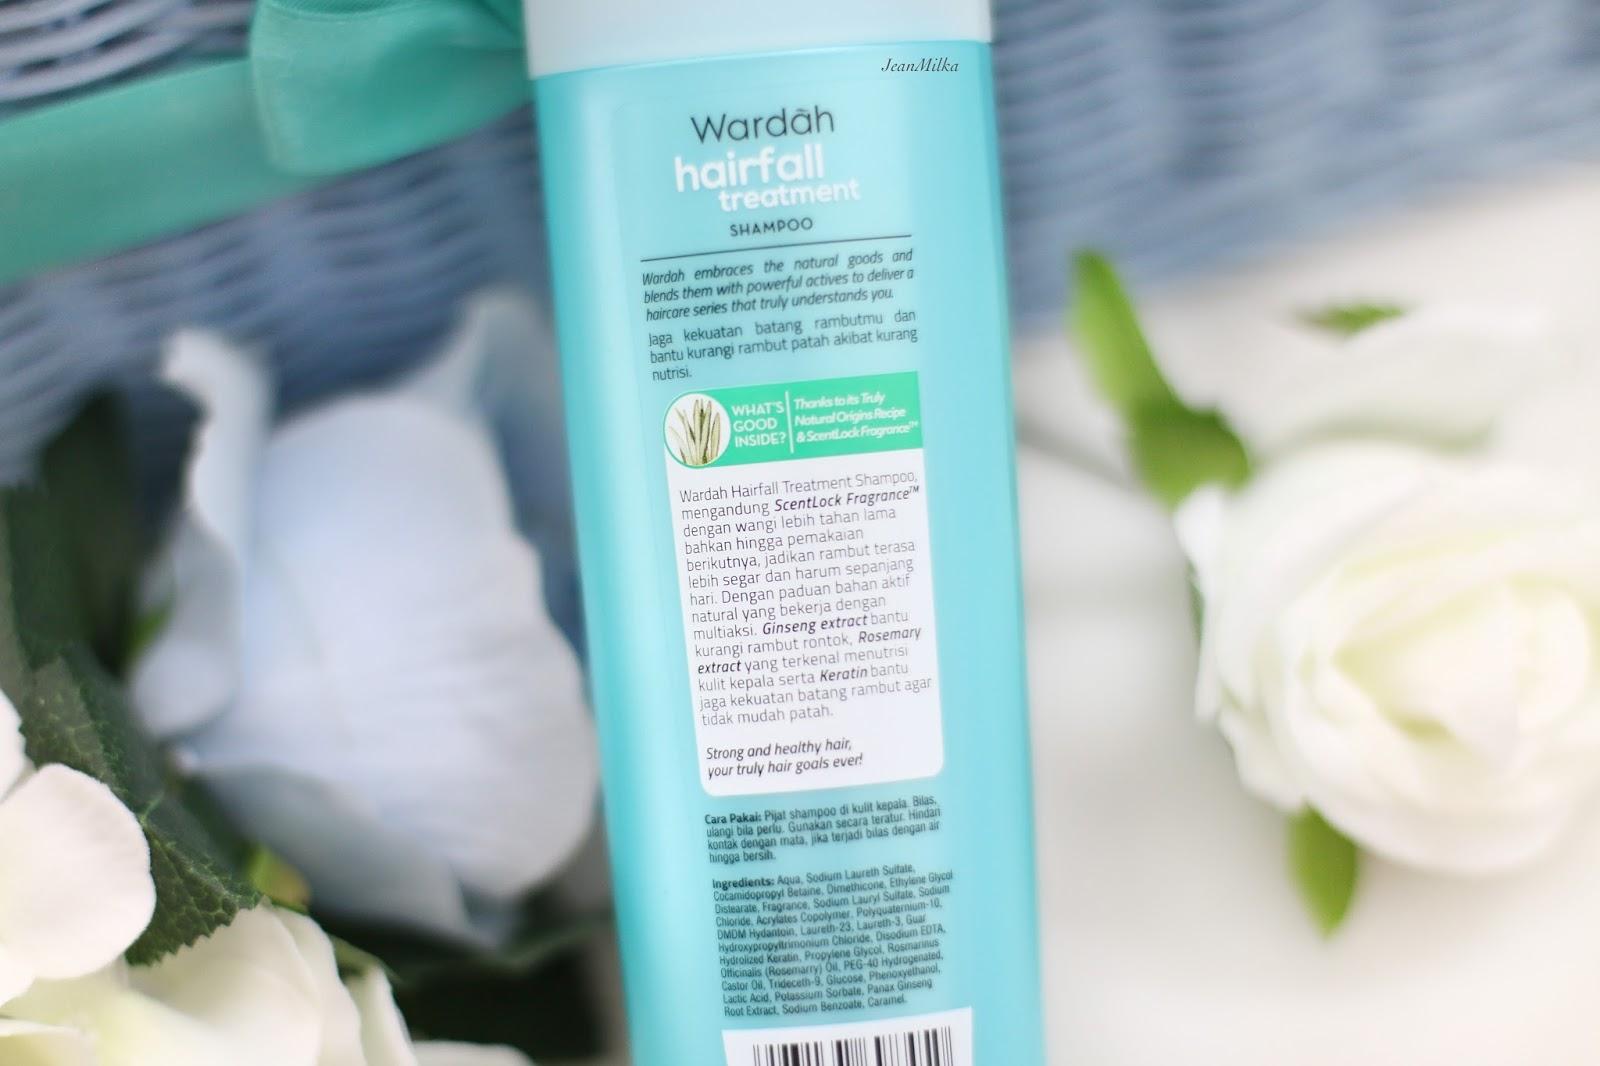 review, wardah, wardah shampoo, sampo wardah, sampo hijab, shampoo hijab, hijab, wardah beauty, wardah shampoo hairfall treatment